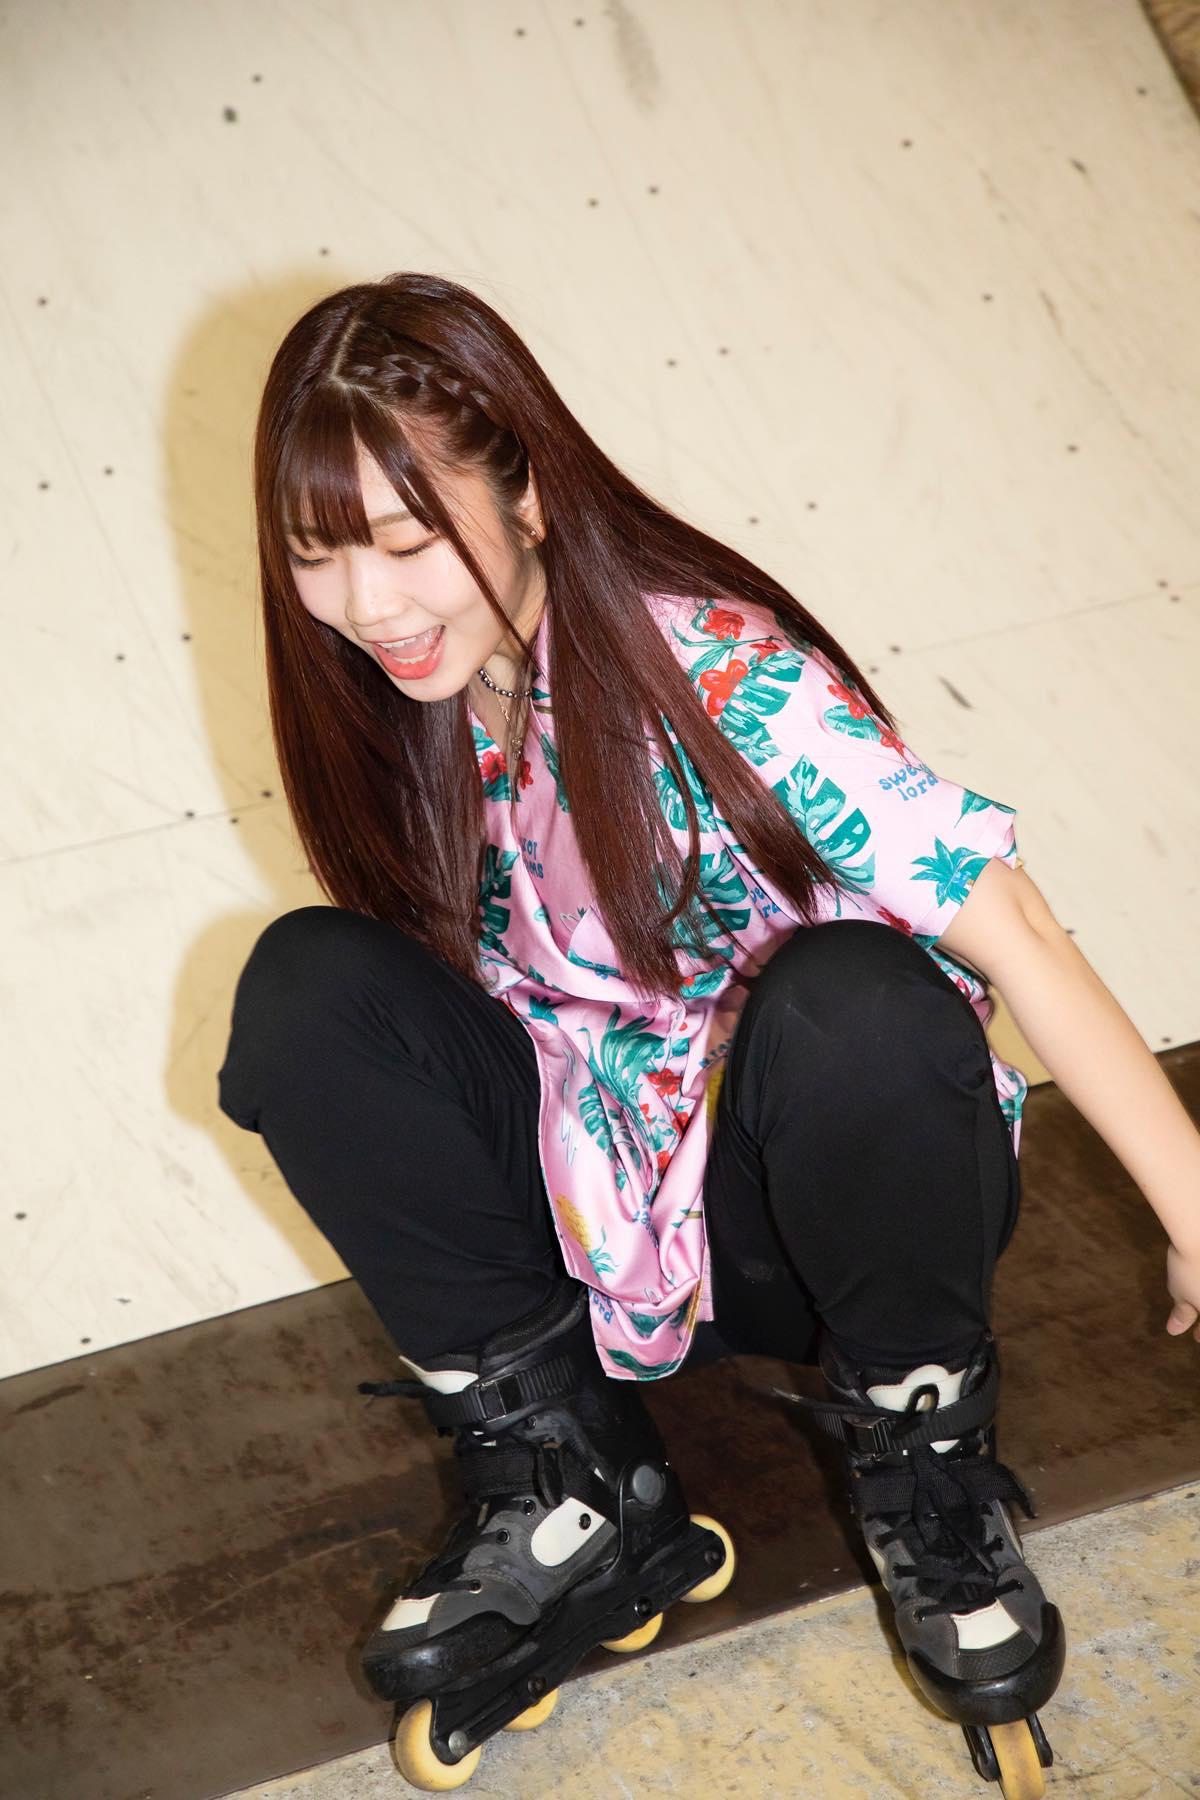 米田みいな「初めてのインラインスケートでなぜかにゃんこスターのモノマネ!?」【写真37枚】【連載】ラストアイドルのすっぴん!vol.21の画像021